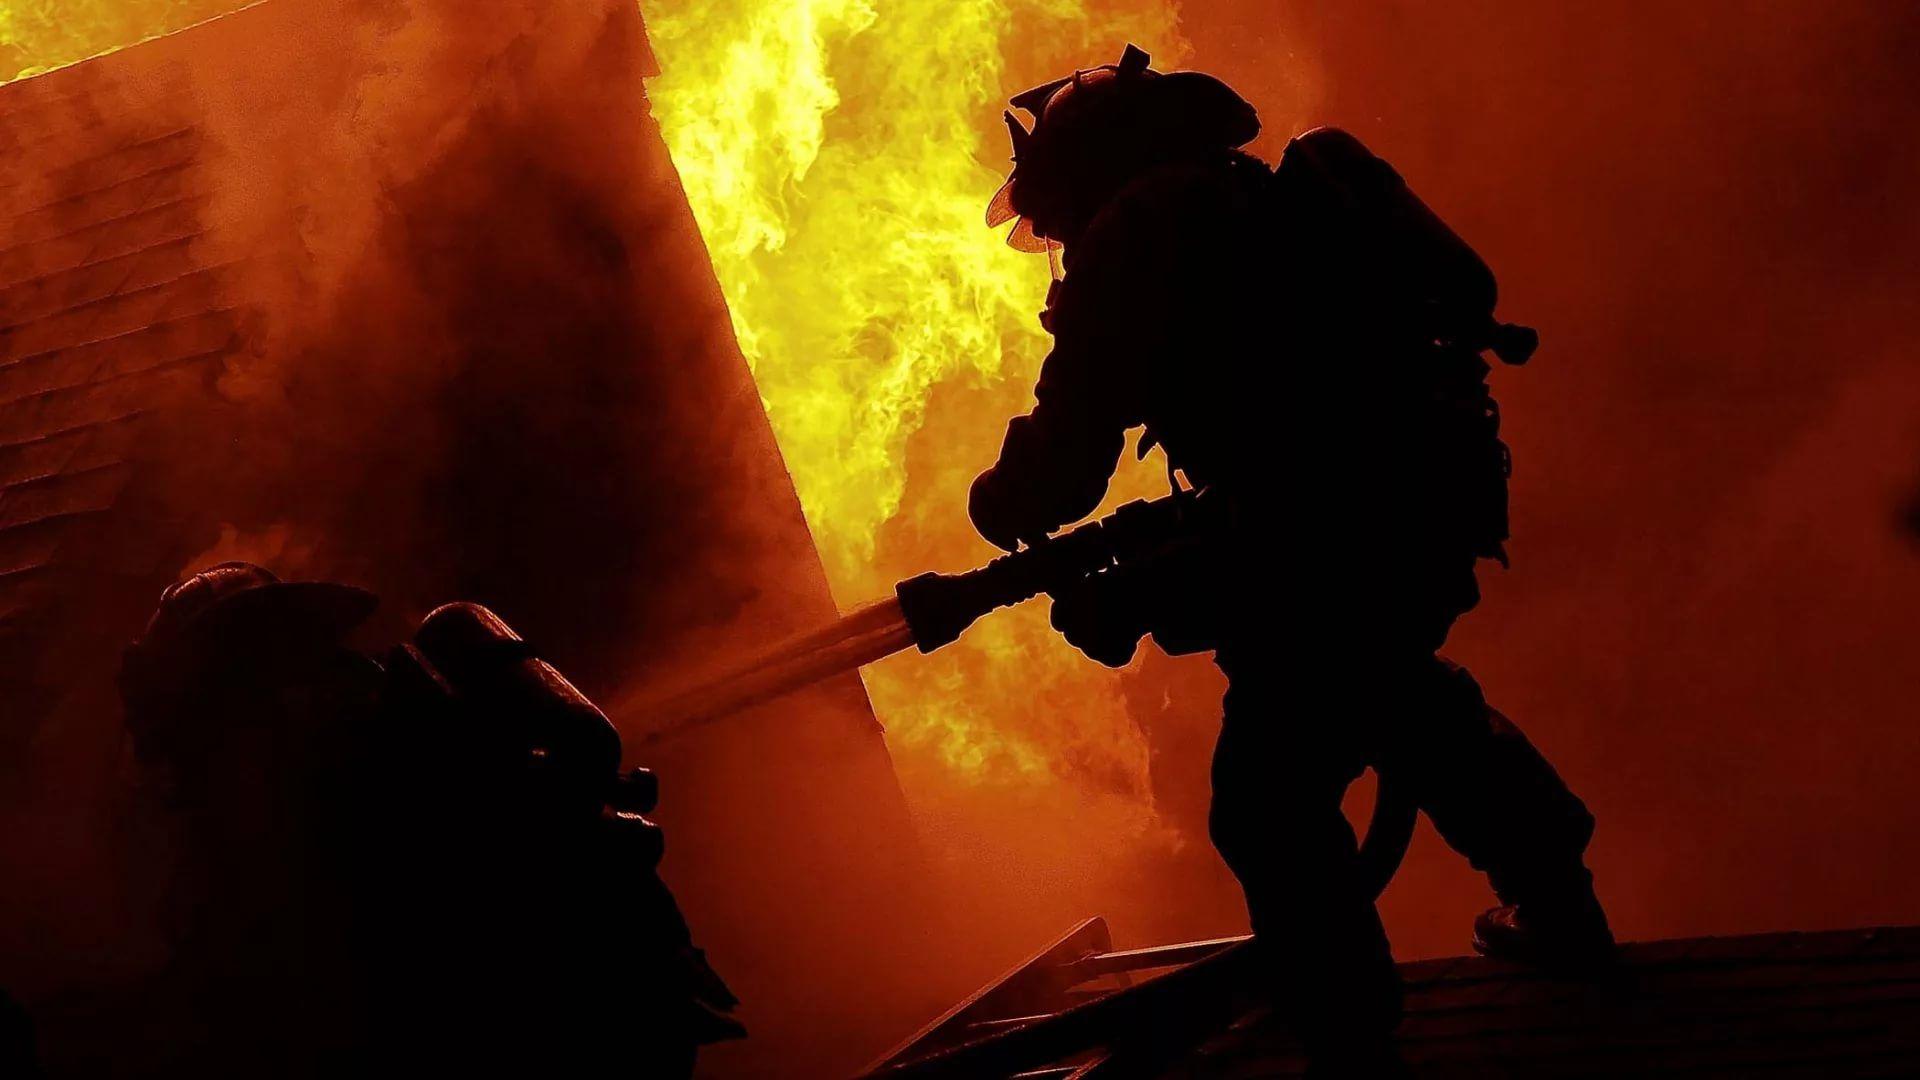 Firefighter full hd wallpaper for laptop